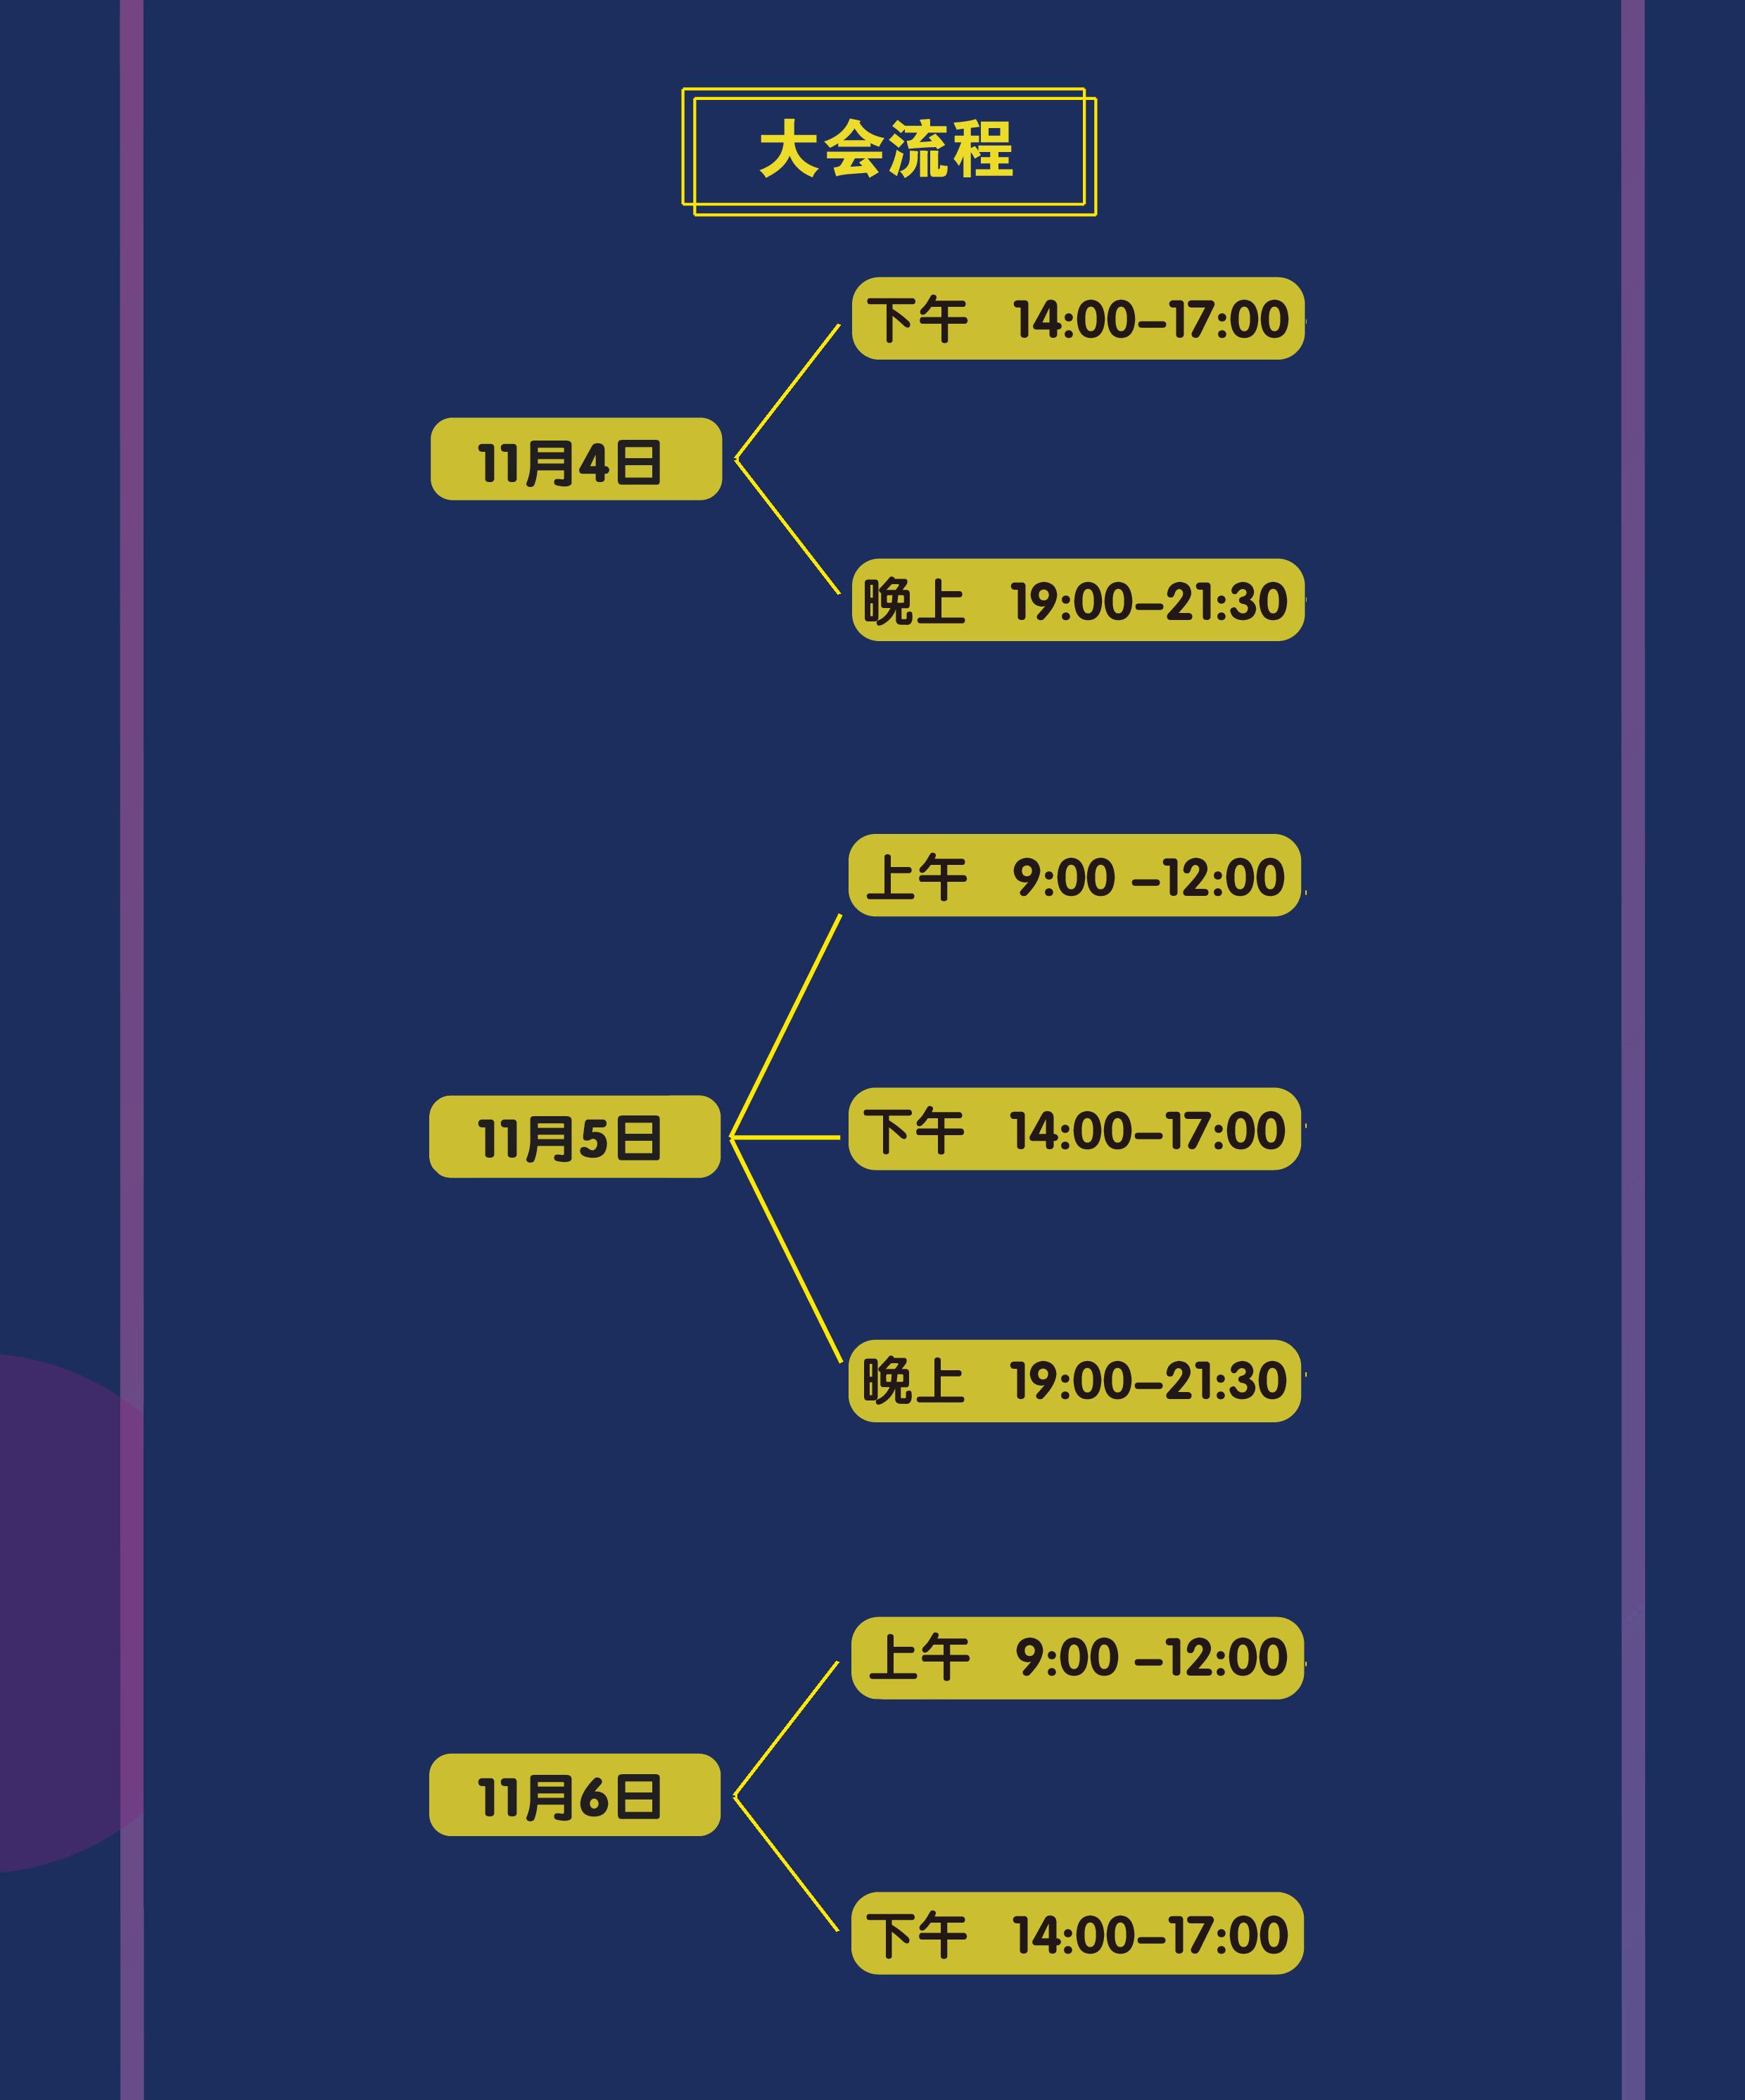 2020中國教育行業發展論壇(南京)